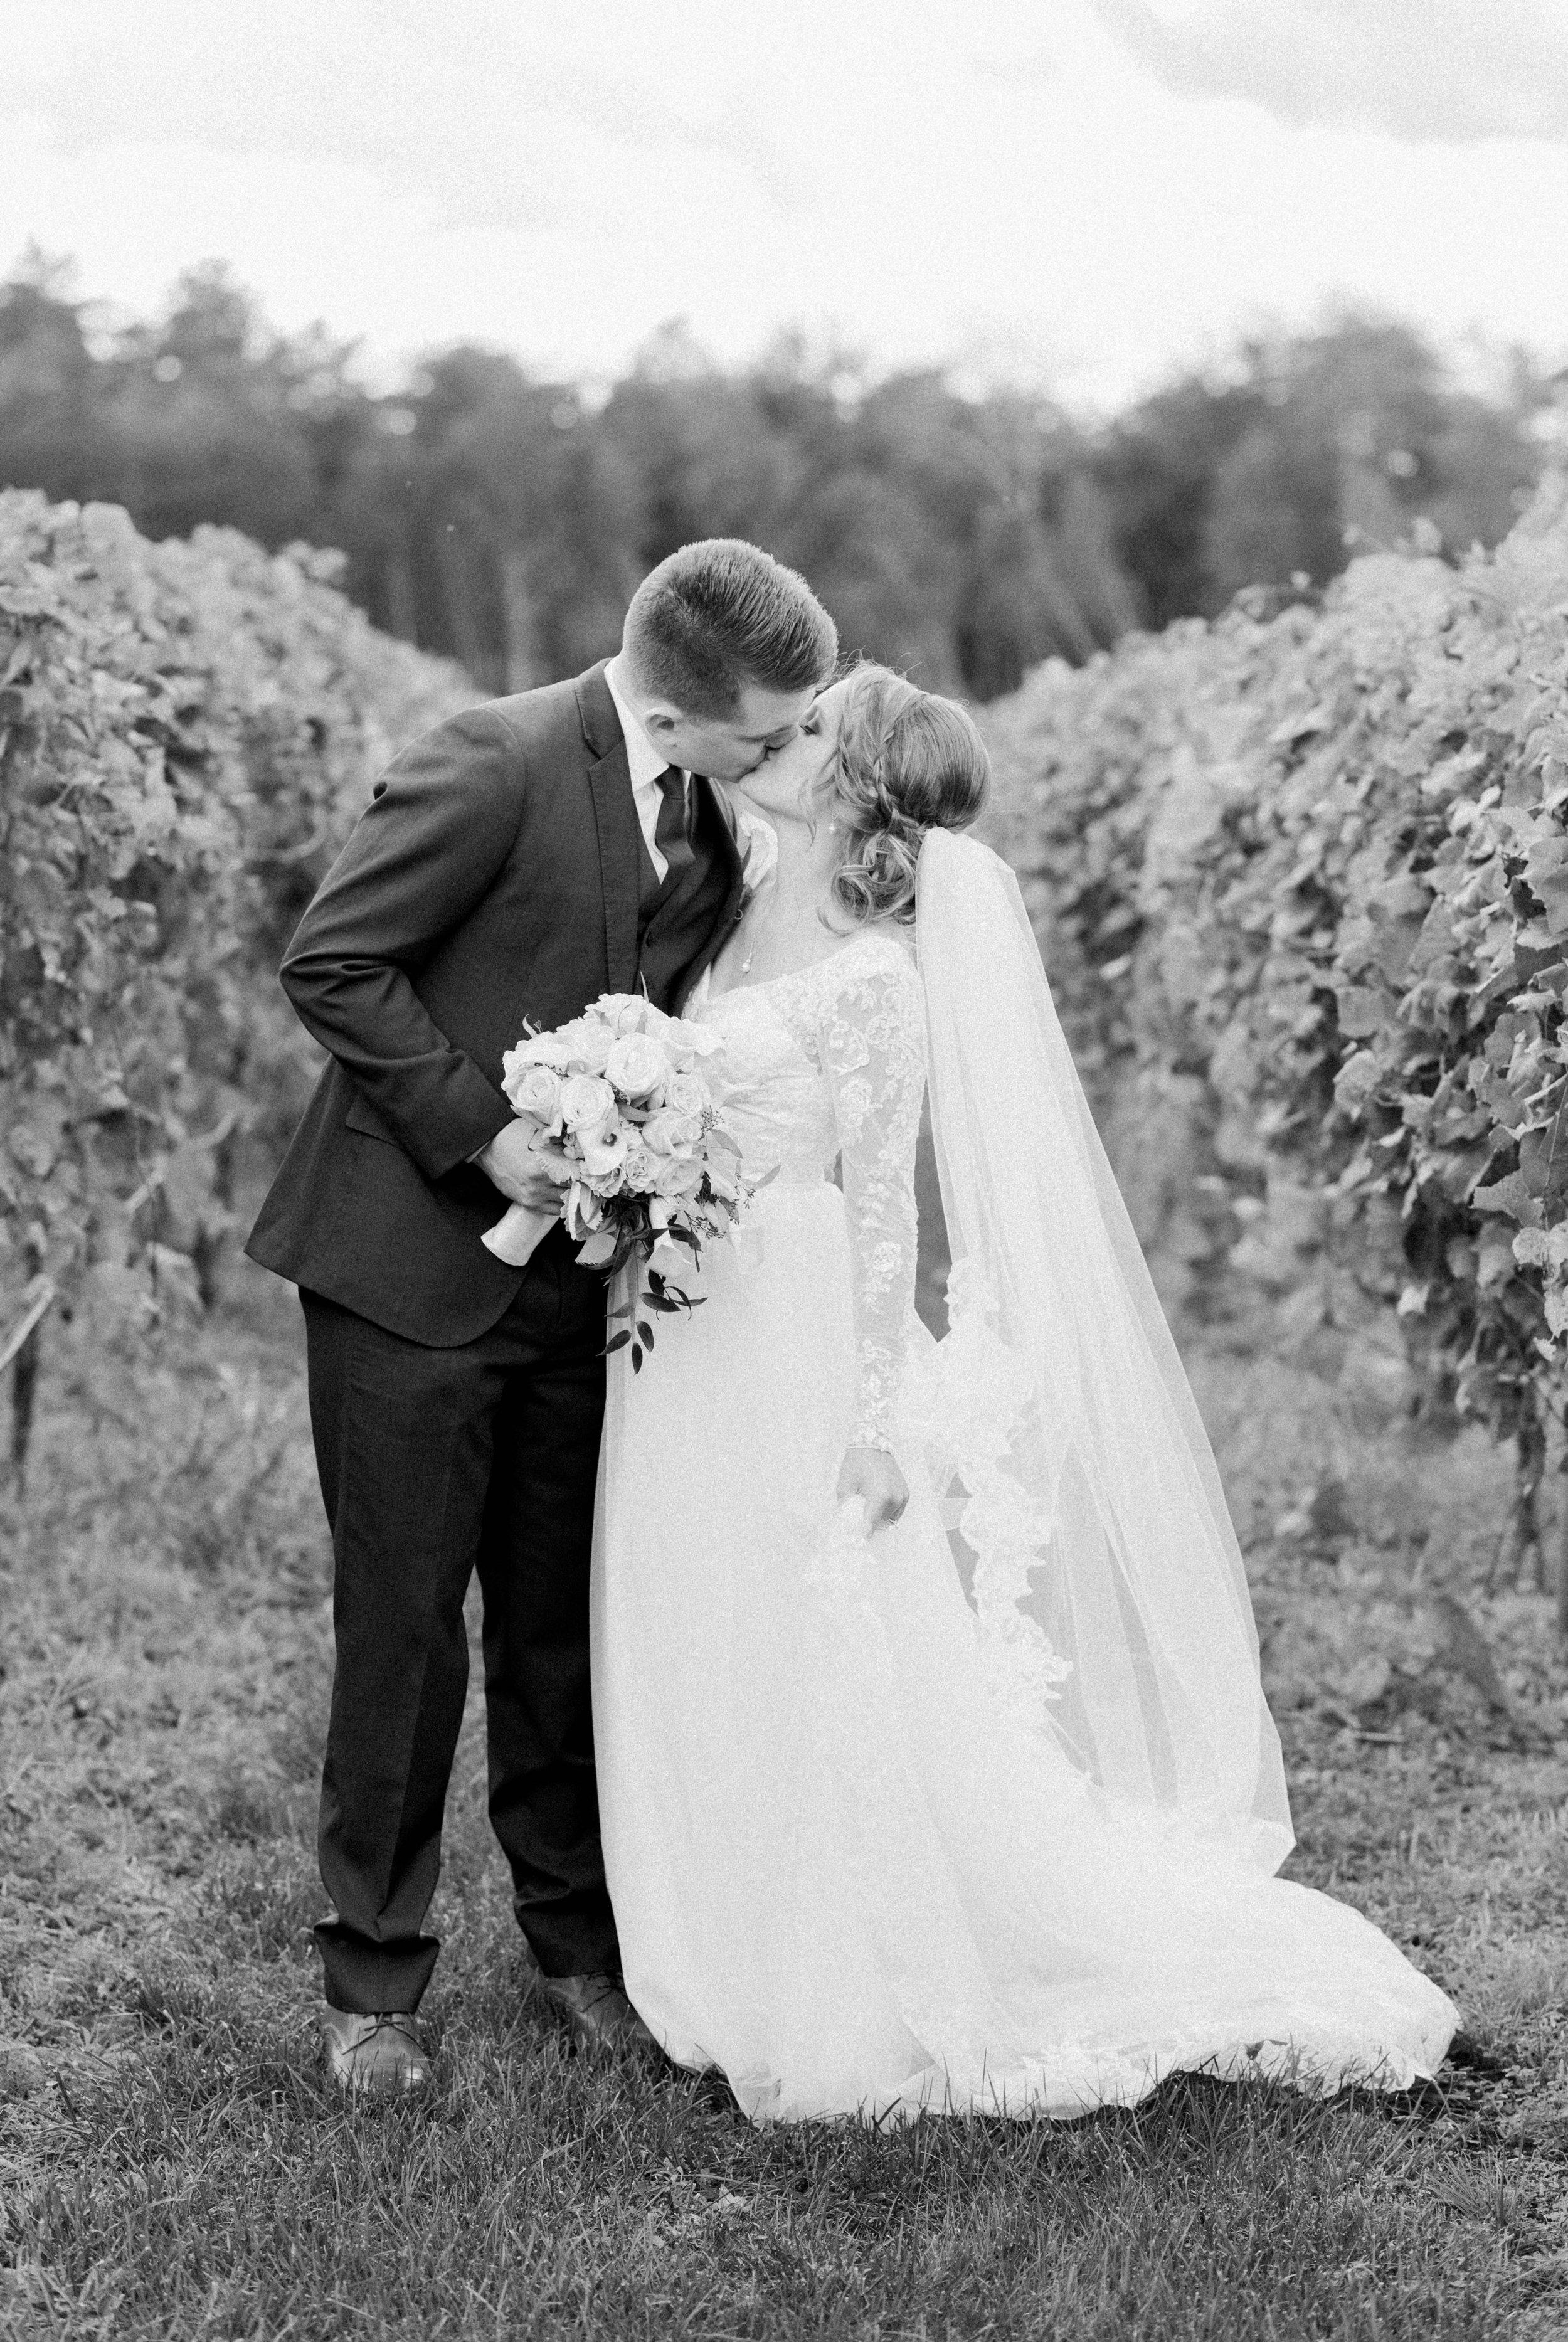 GrantElizabeth_wineryatbullrun_DCwedding_Virginiaweddingphotographer 18.jpg